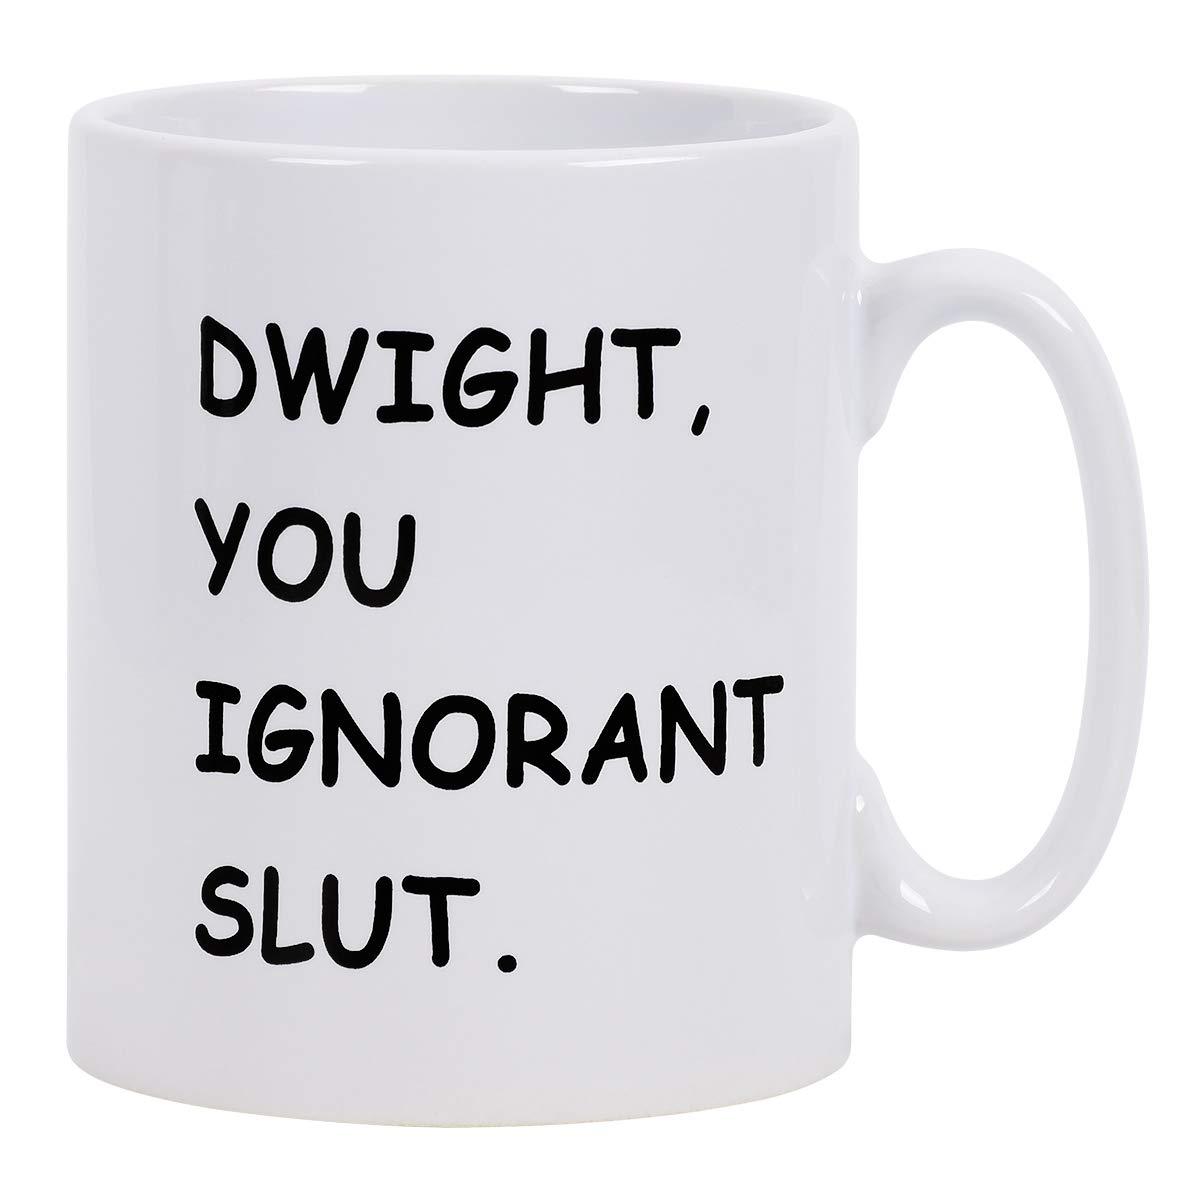 You Ignorant Slut 11oz Funny Novelty Coffee Mug Dishwasher Microwave Safe Dwight